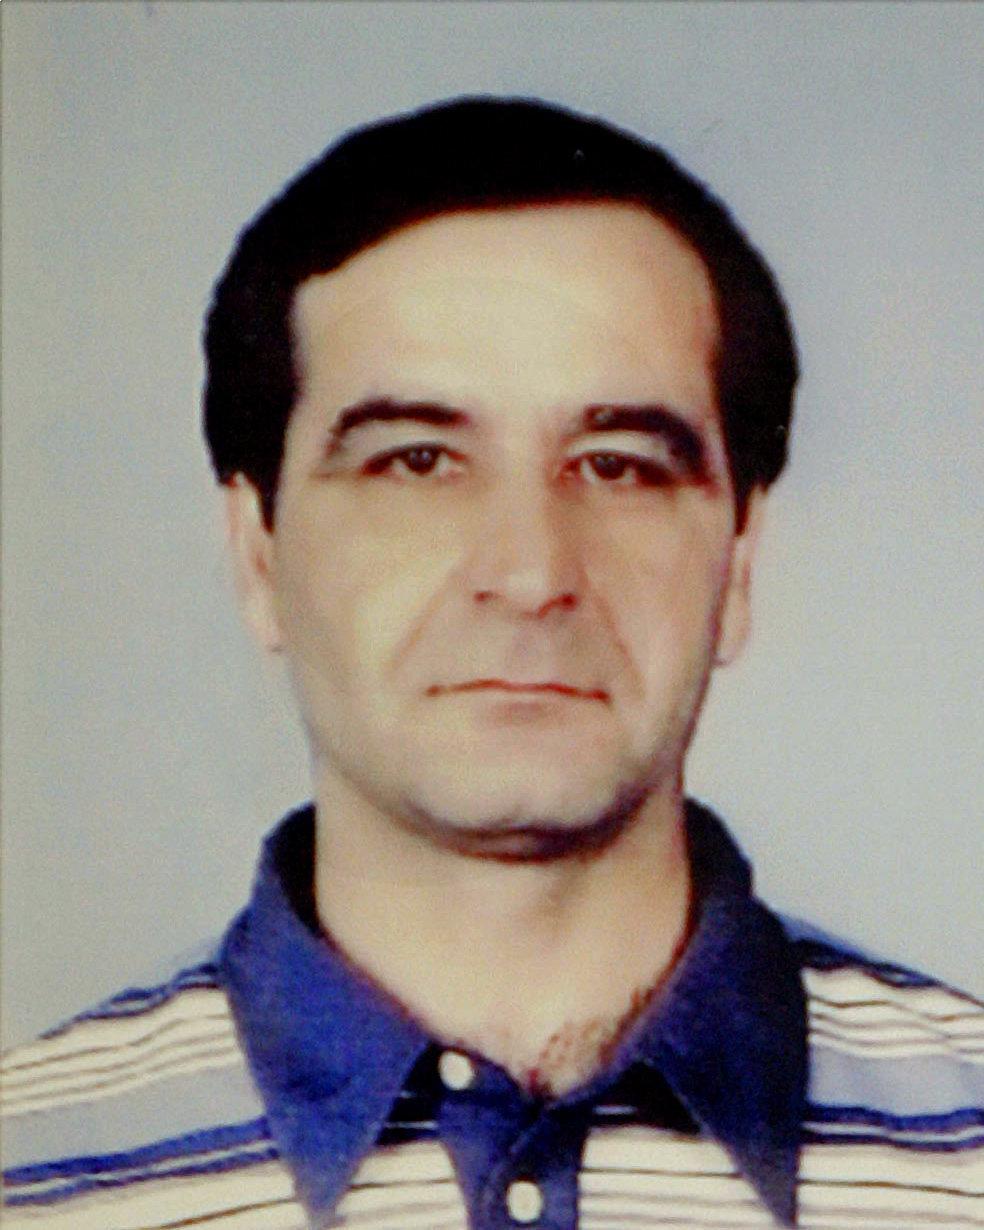 Mehmet Kubasik